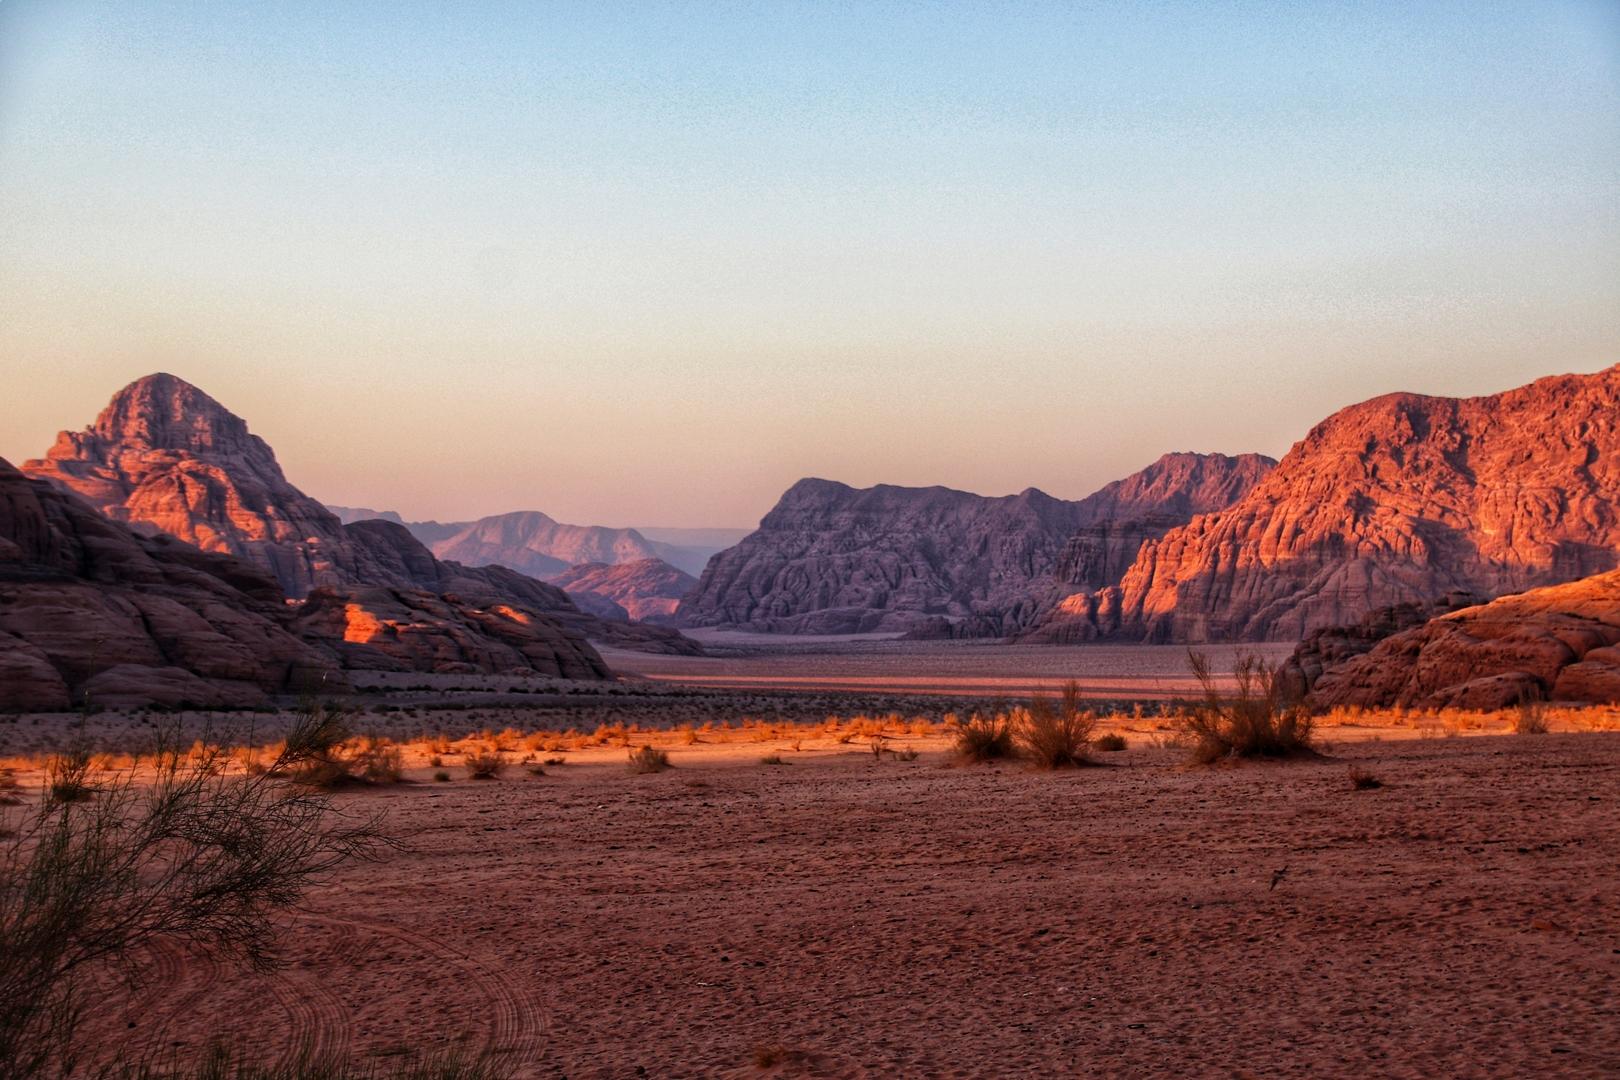 Jordanie - Coucher de soleil dans le désert de Wadi Rum